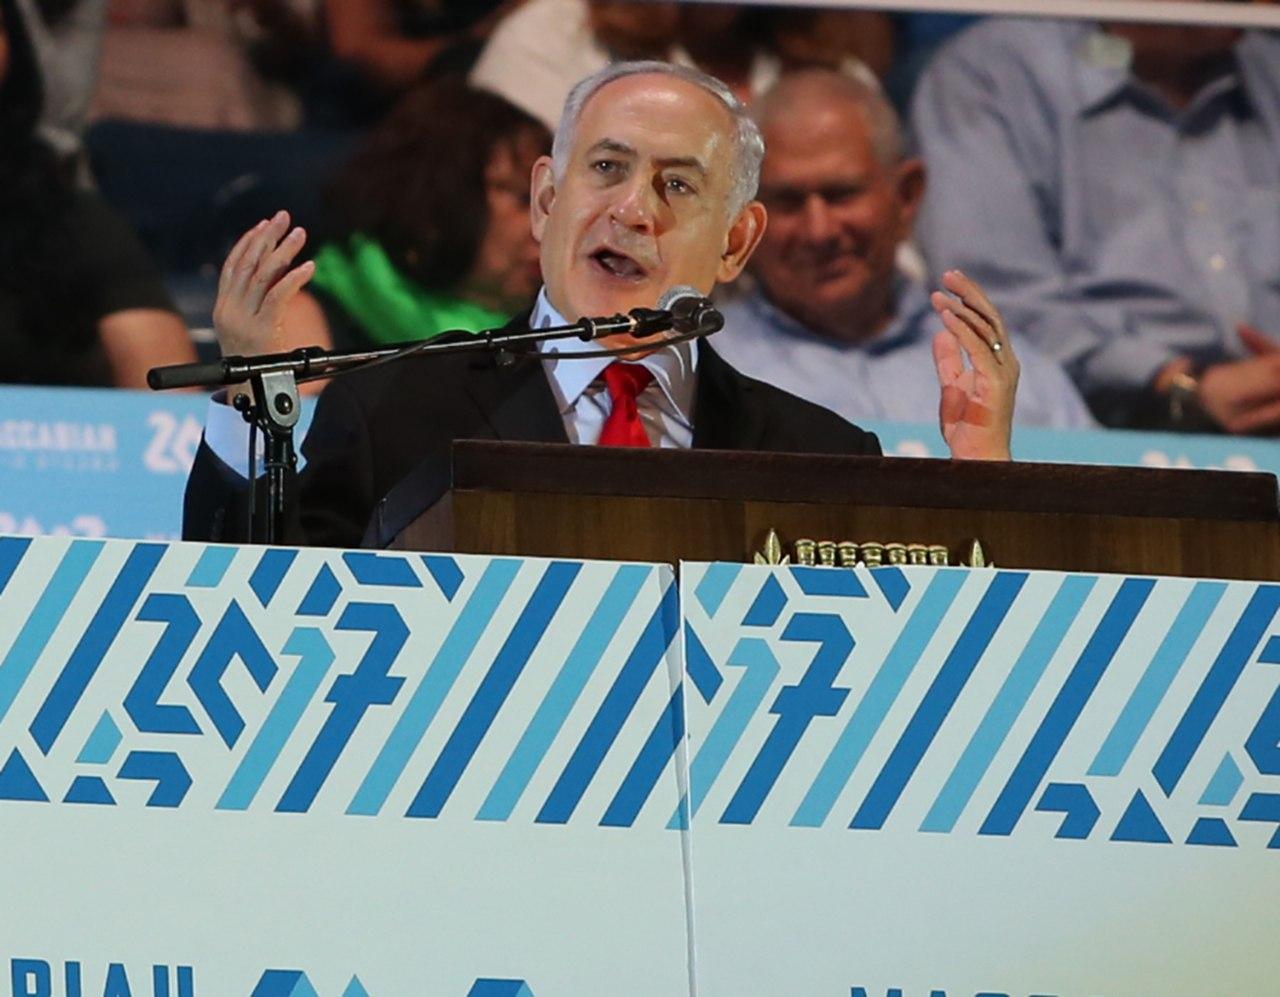 נתניהו במהלך הנאום (צילום: אורן אהרוני)